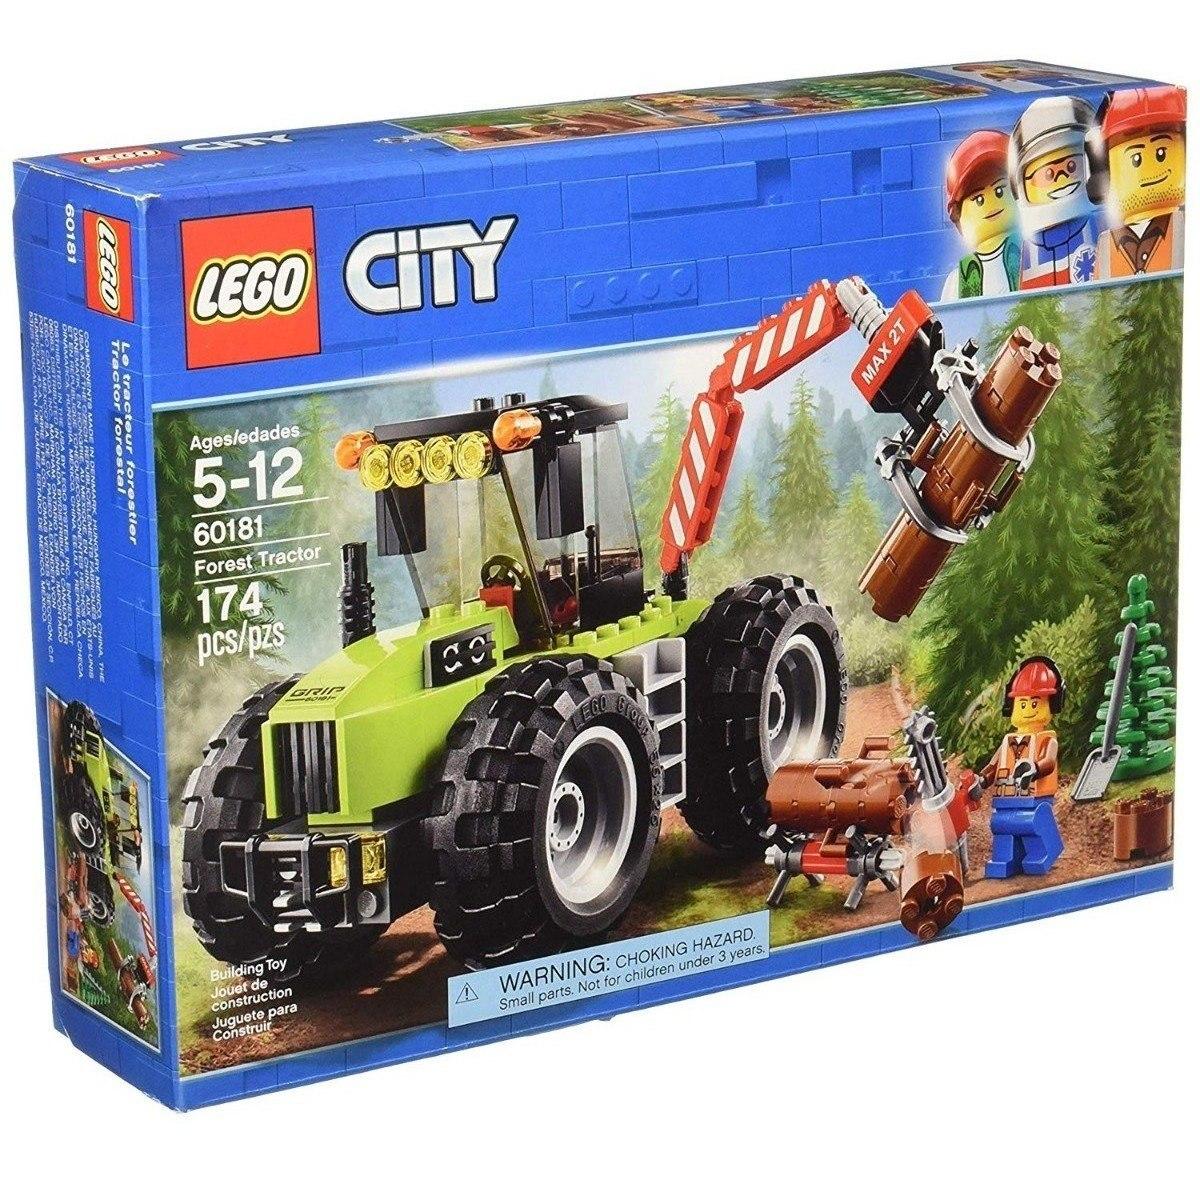 Lego City Grandes Vehículos 60181 Bosque Tractor Edad 5-12 174 un.